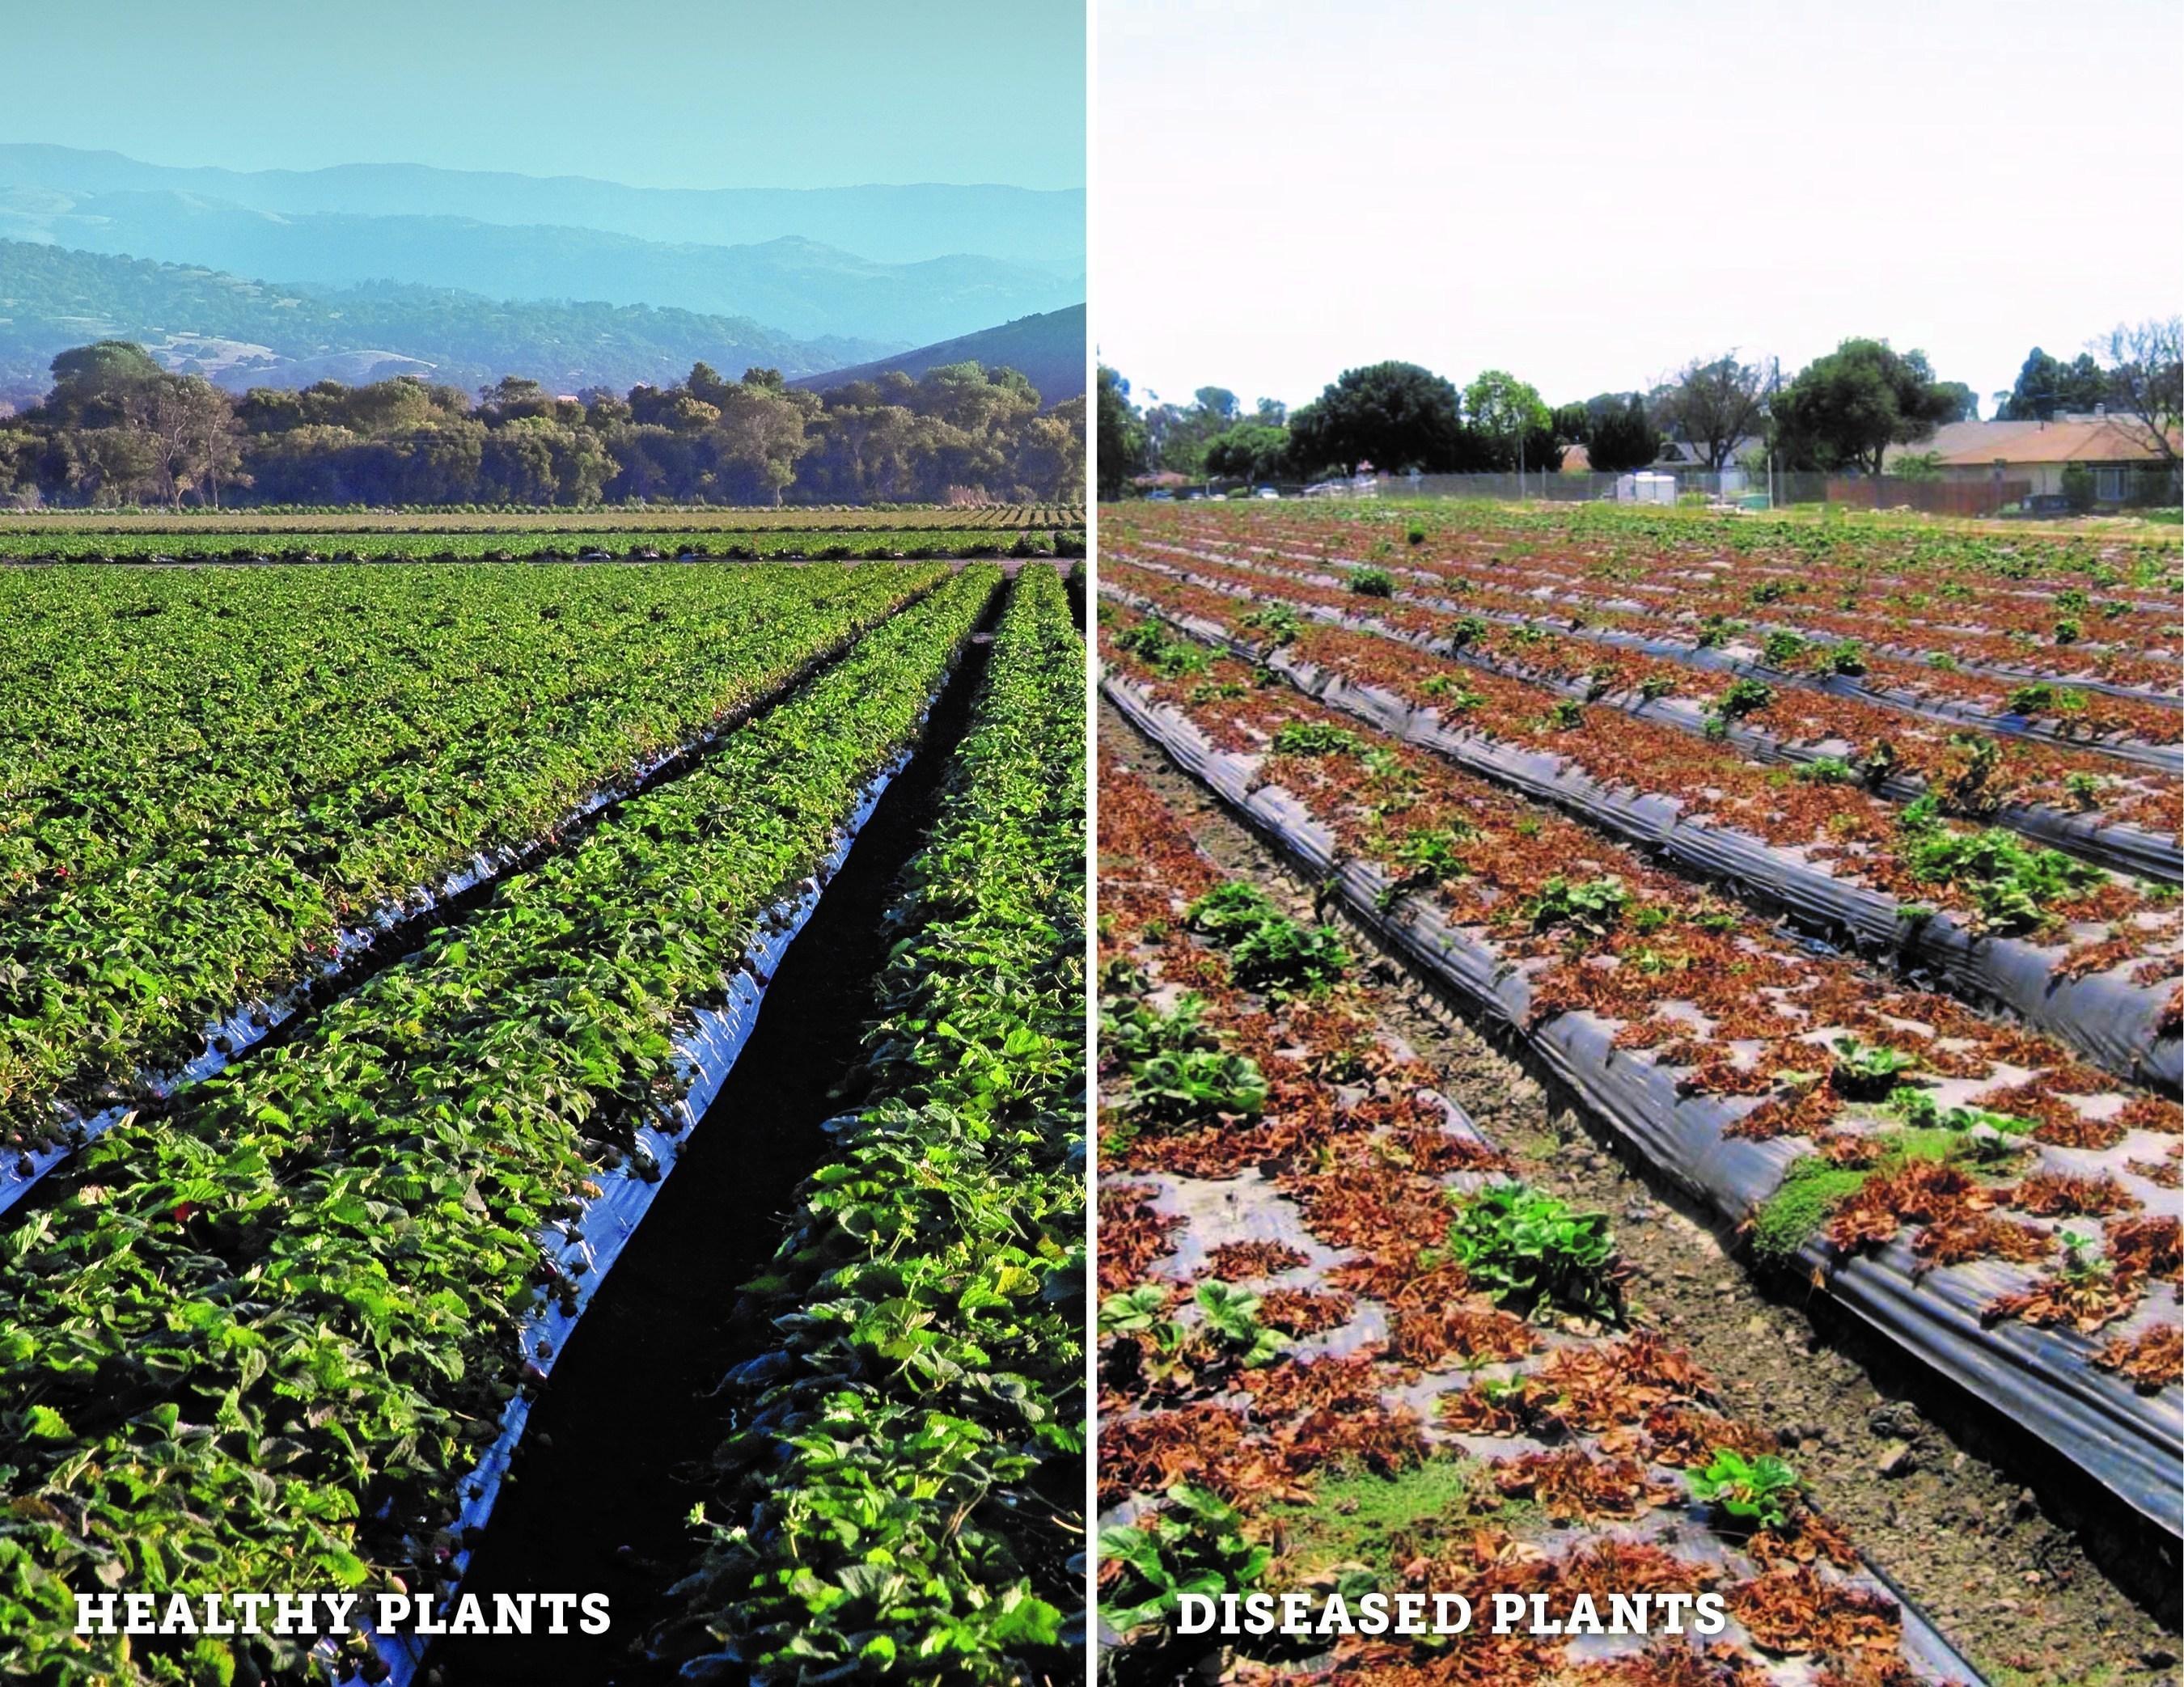 Healthy vs. Diseased Strawberry Fields.